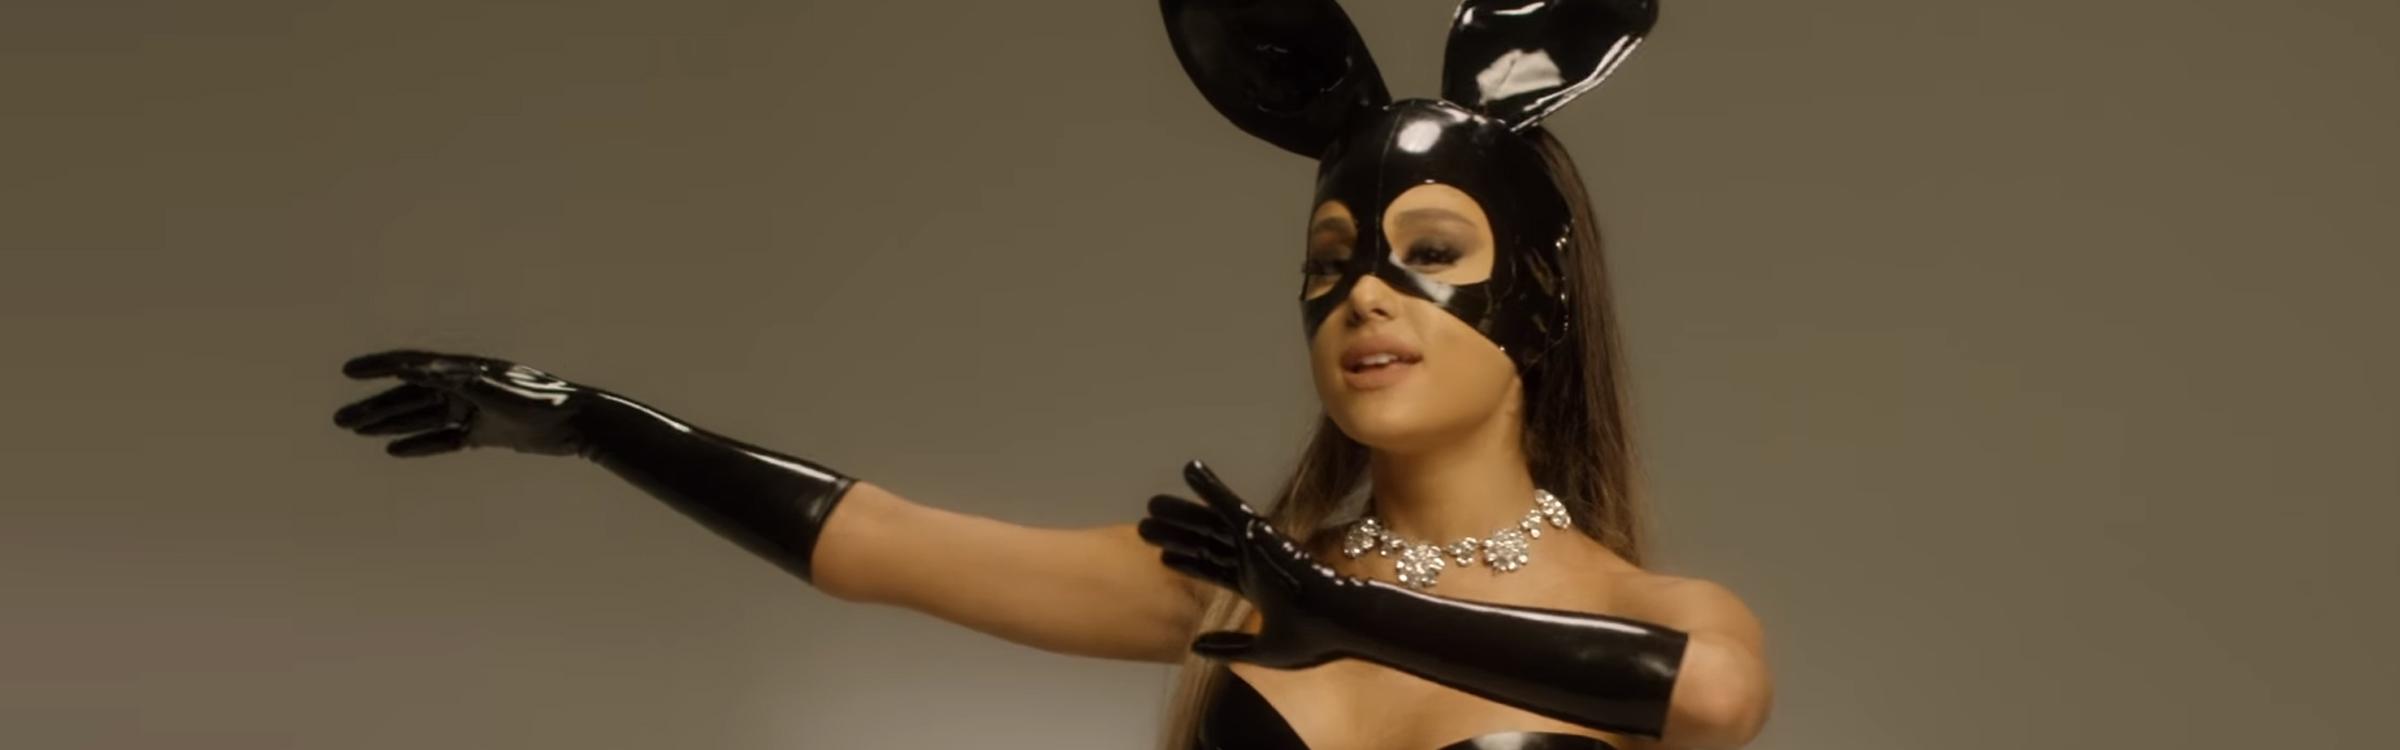 Ariana header